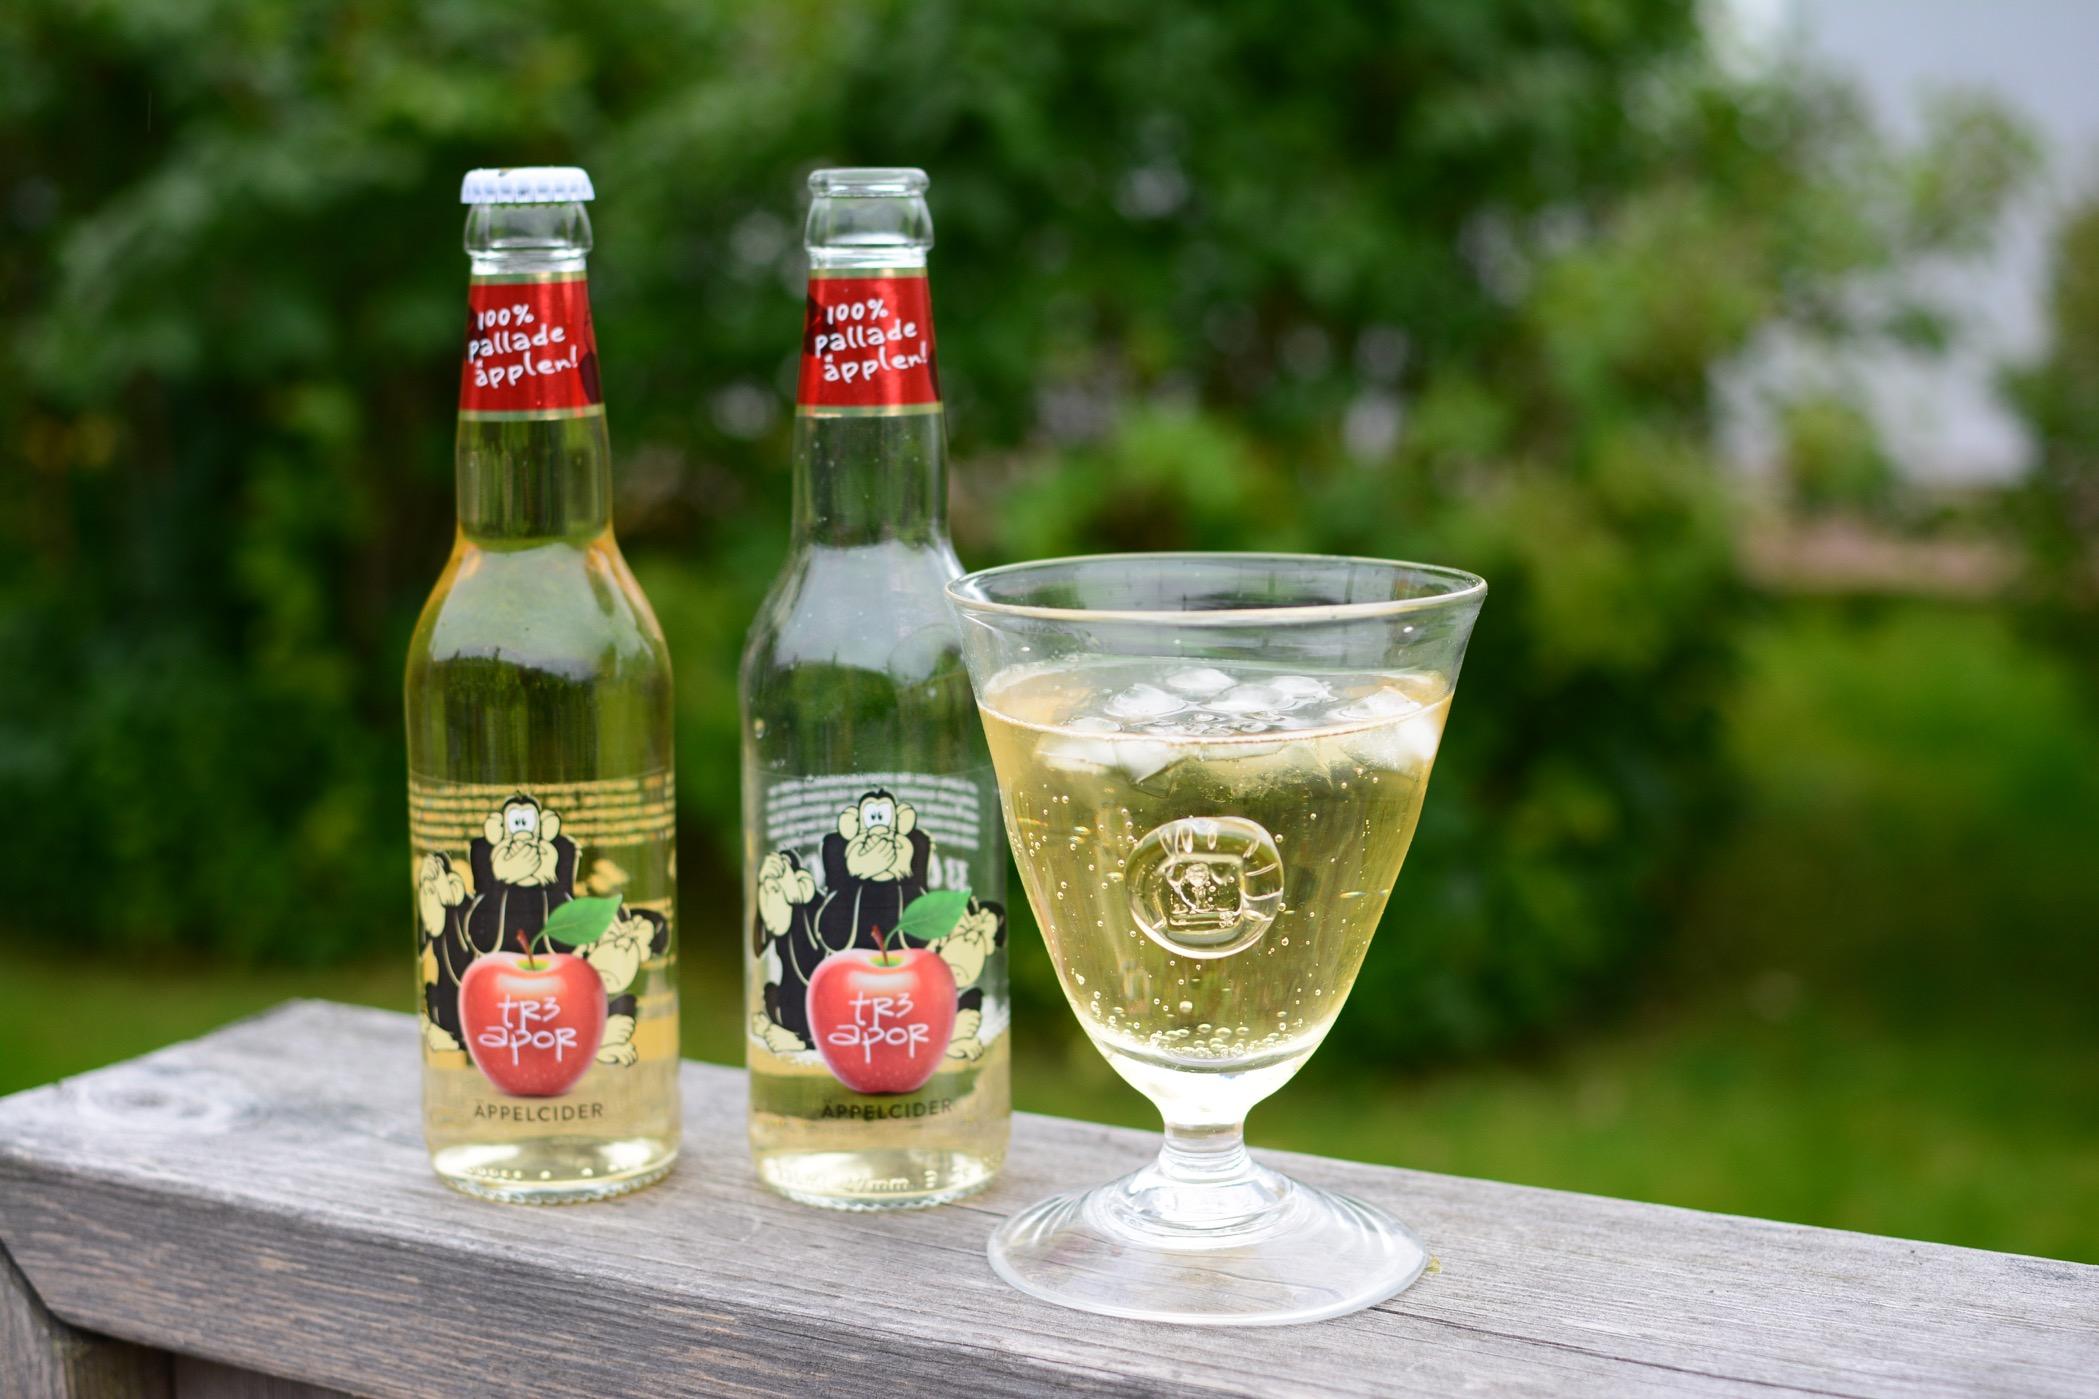 tre apor cider